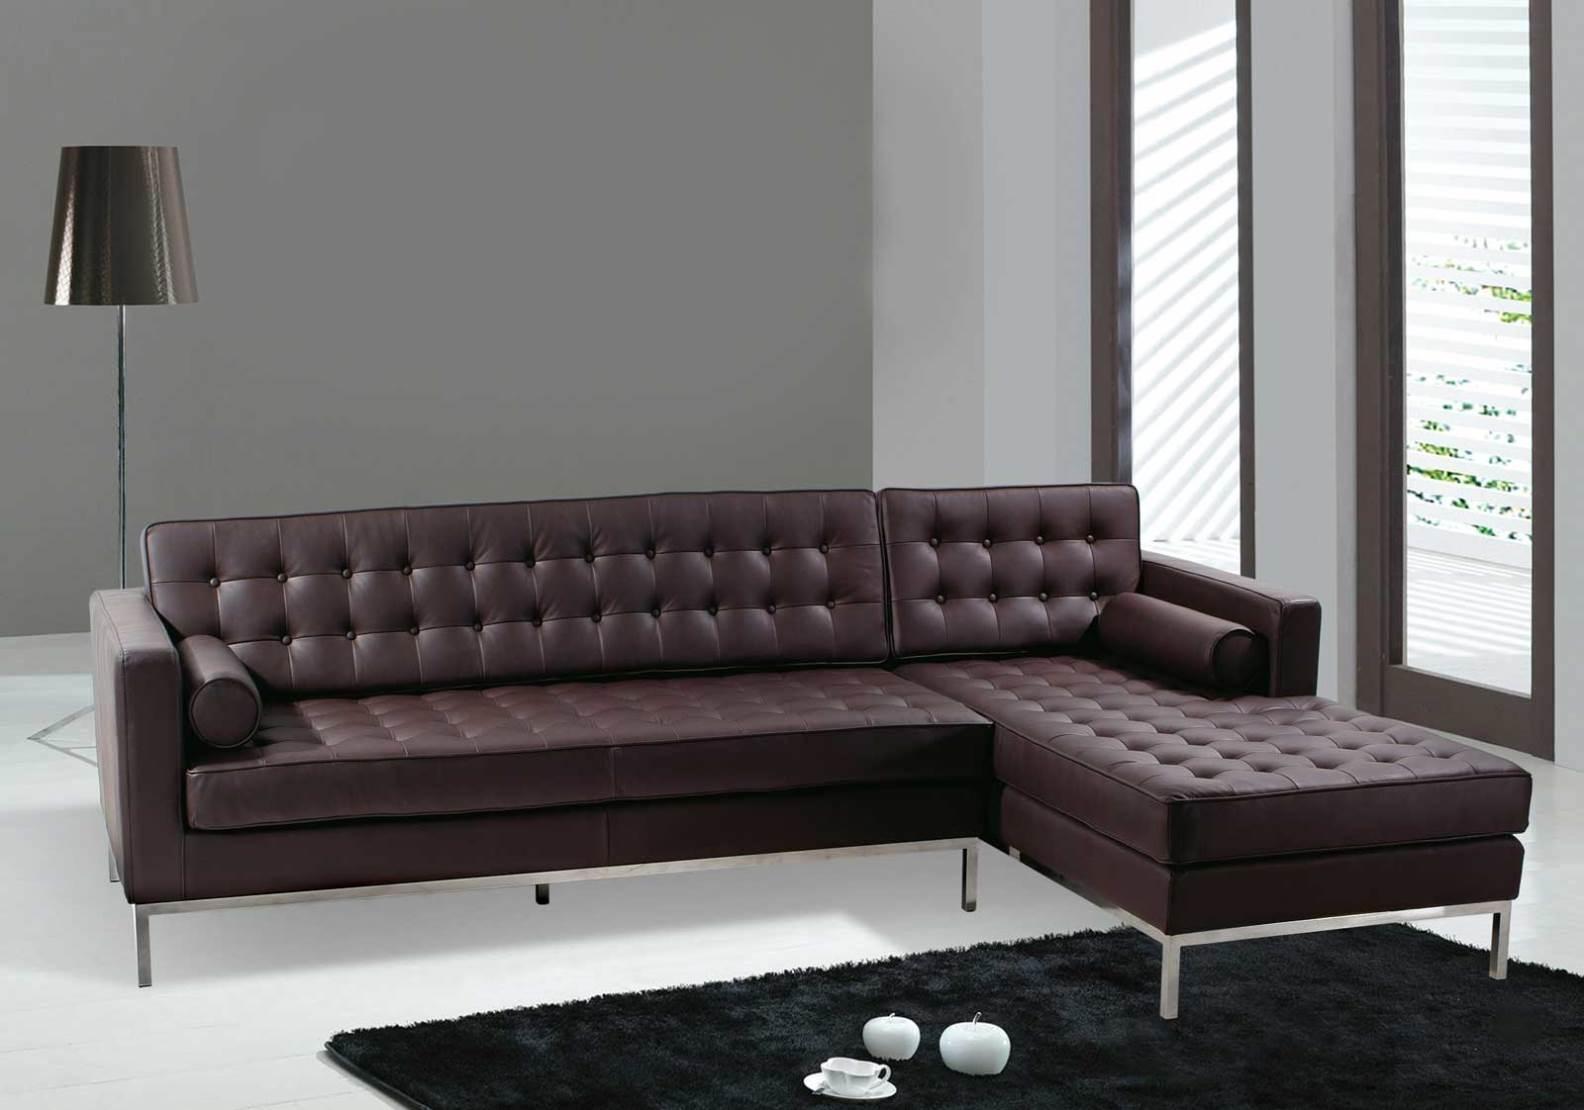 Modern Sofas Houston – Fjellkjeden Pertaining To Modern Sofas Houston (Image 9 of 20)